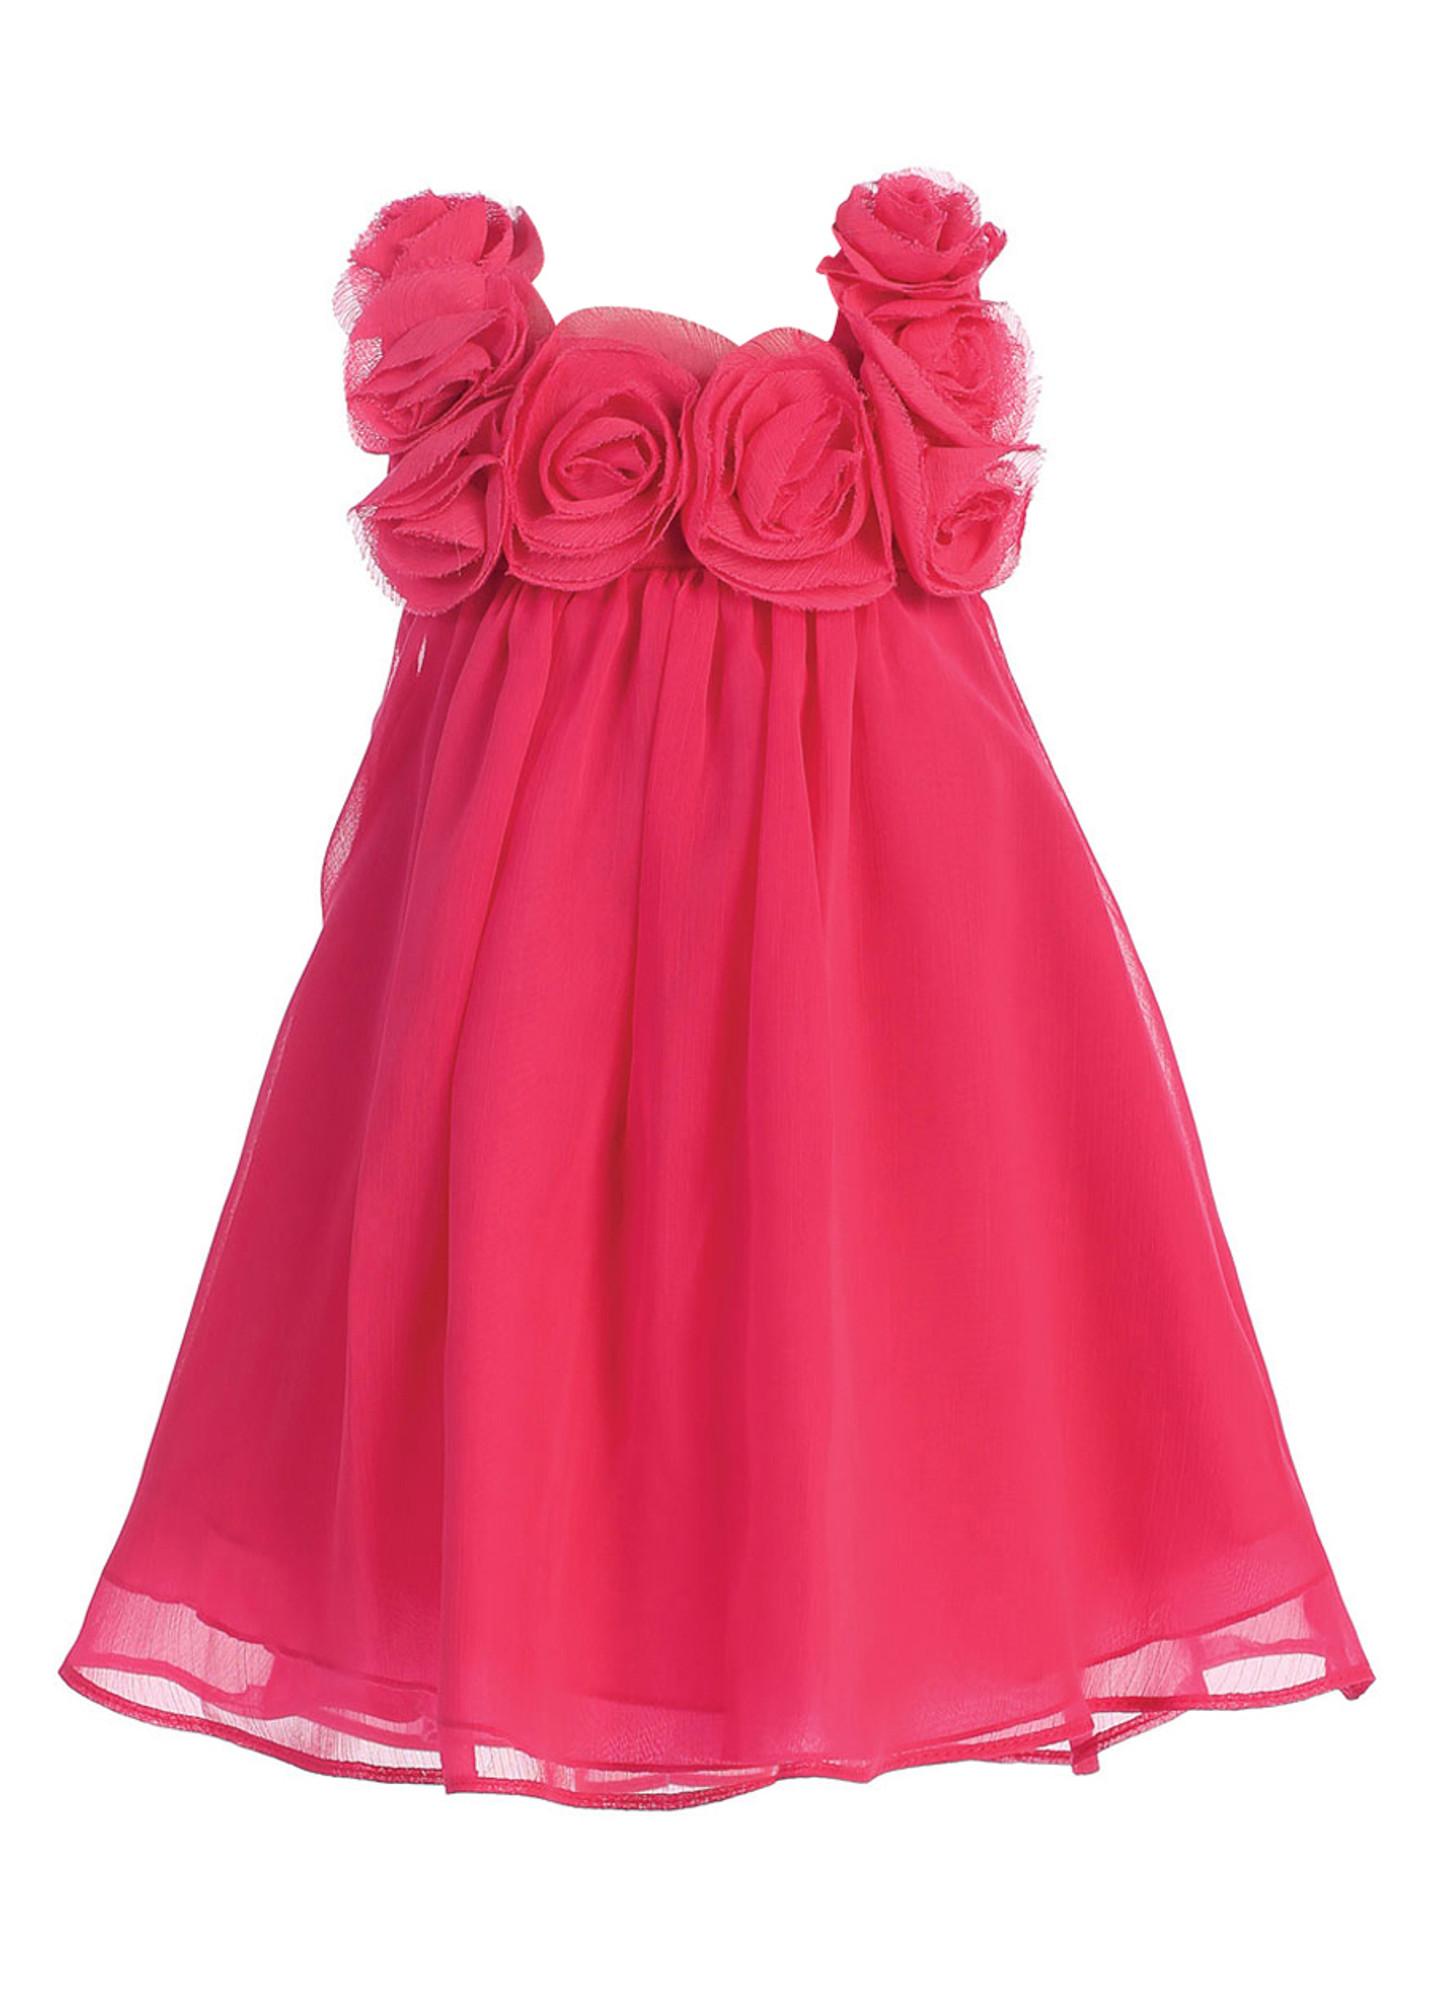 Pinke madchen kleider